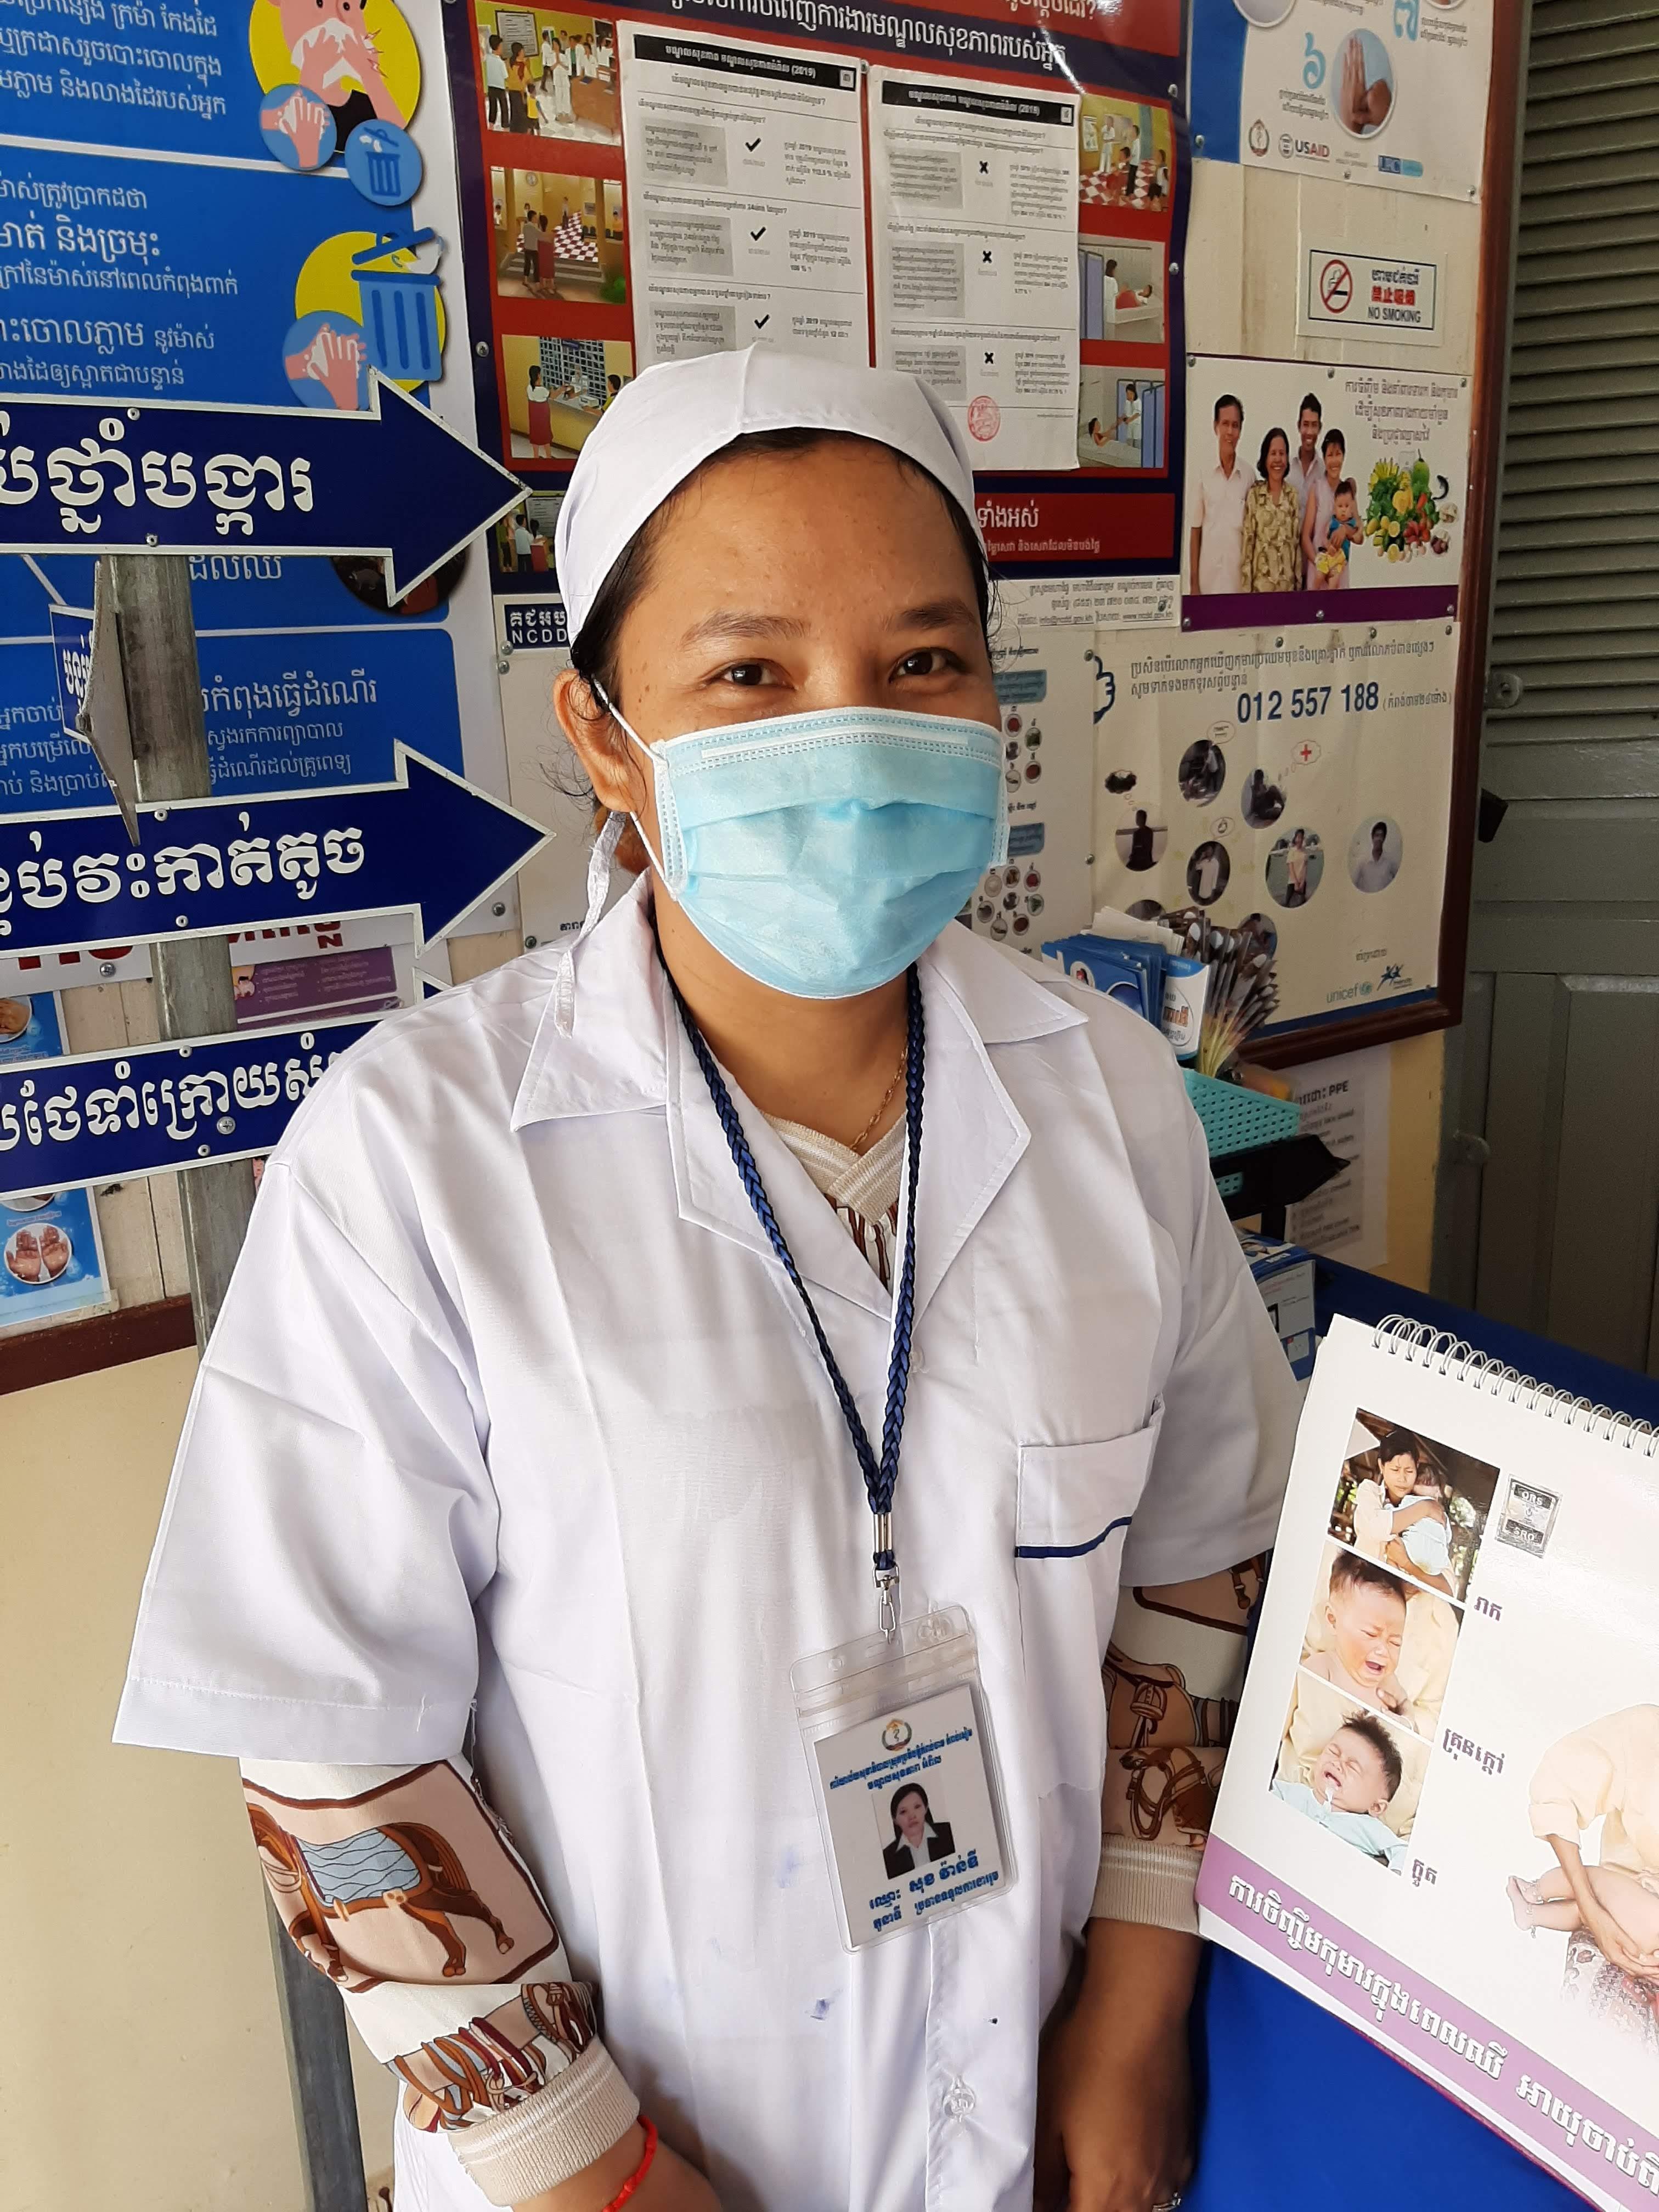 03092020-kh-health-center-chief